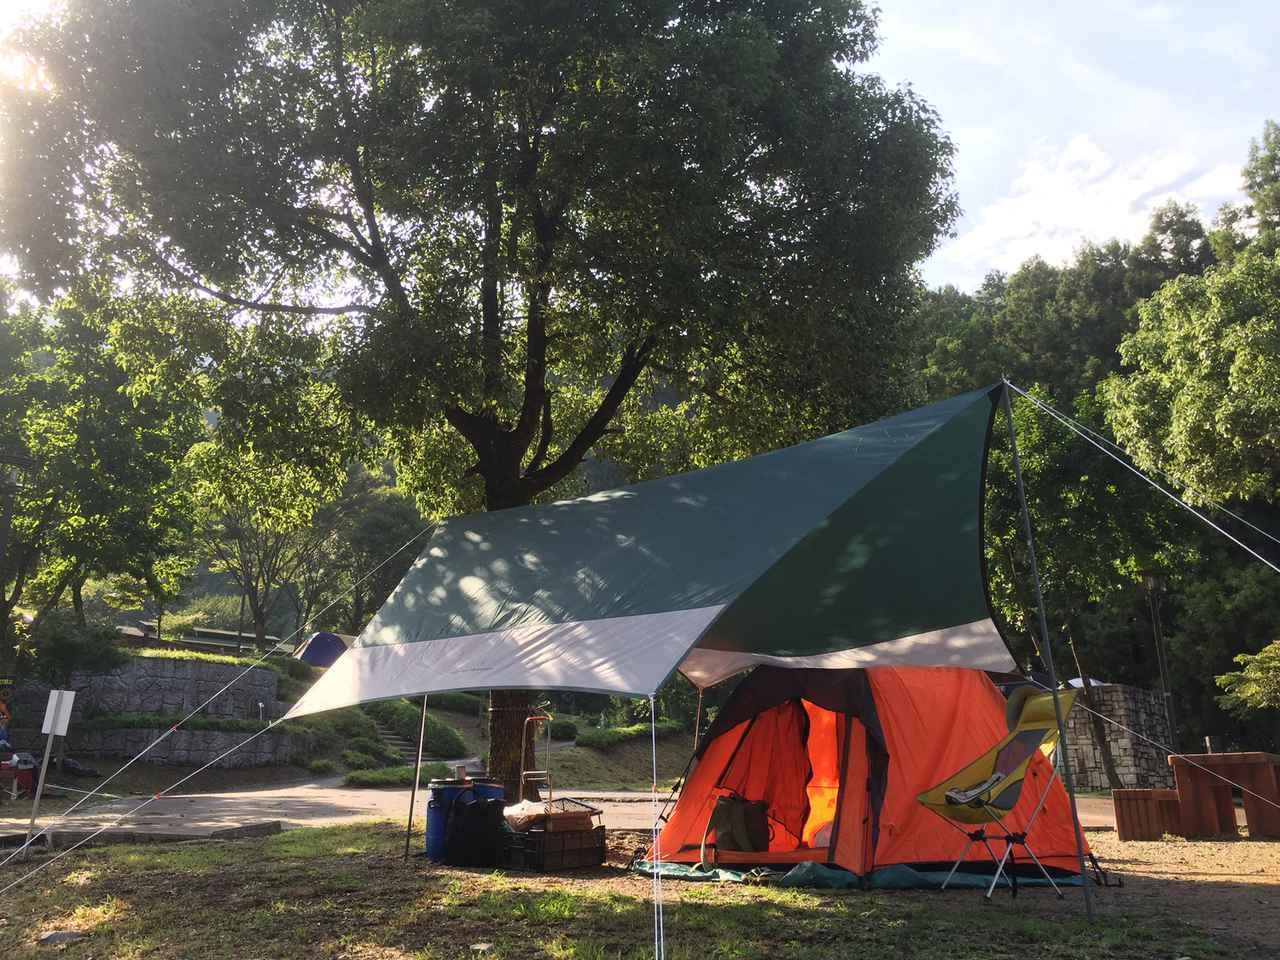 画像: 【キャンプ女子が解説!】ソロキャンプにおすすめなタープ 基本知識・形・特徴まで徹底解説